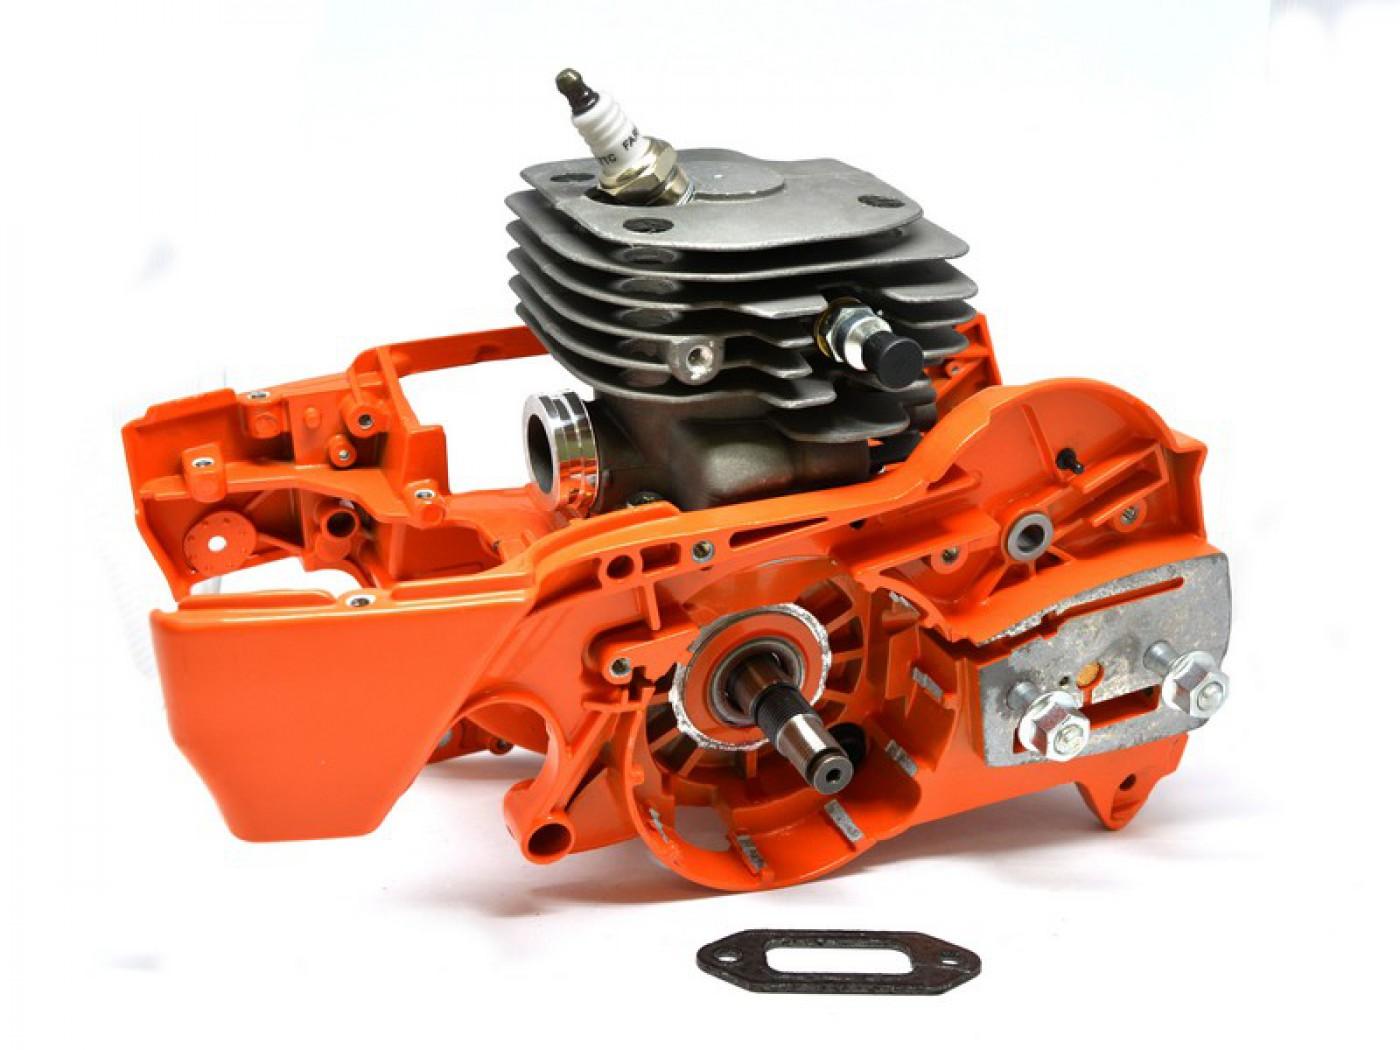 Motor Husqvarna 372 TYP O - 50 mm